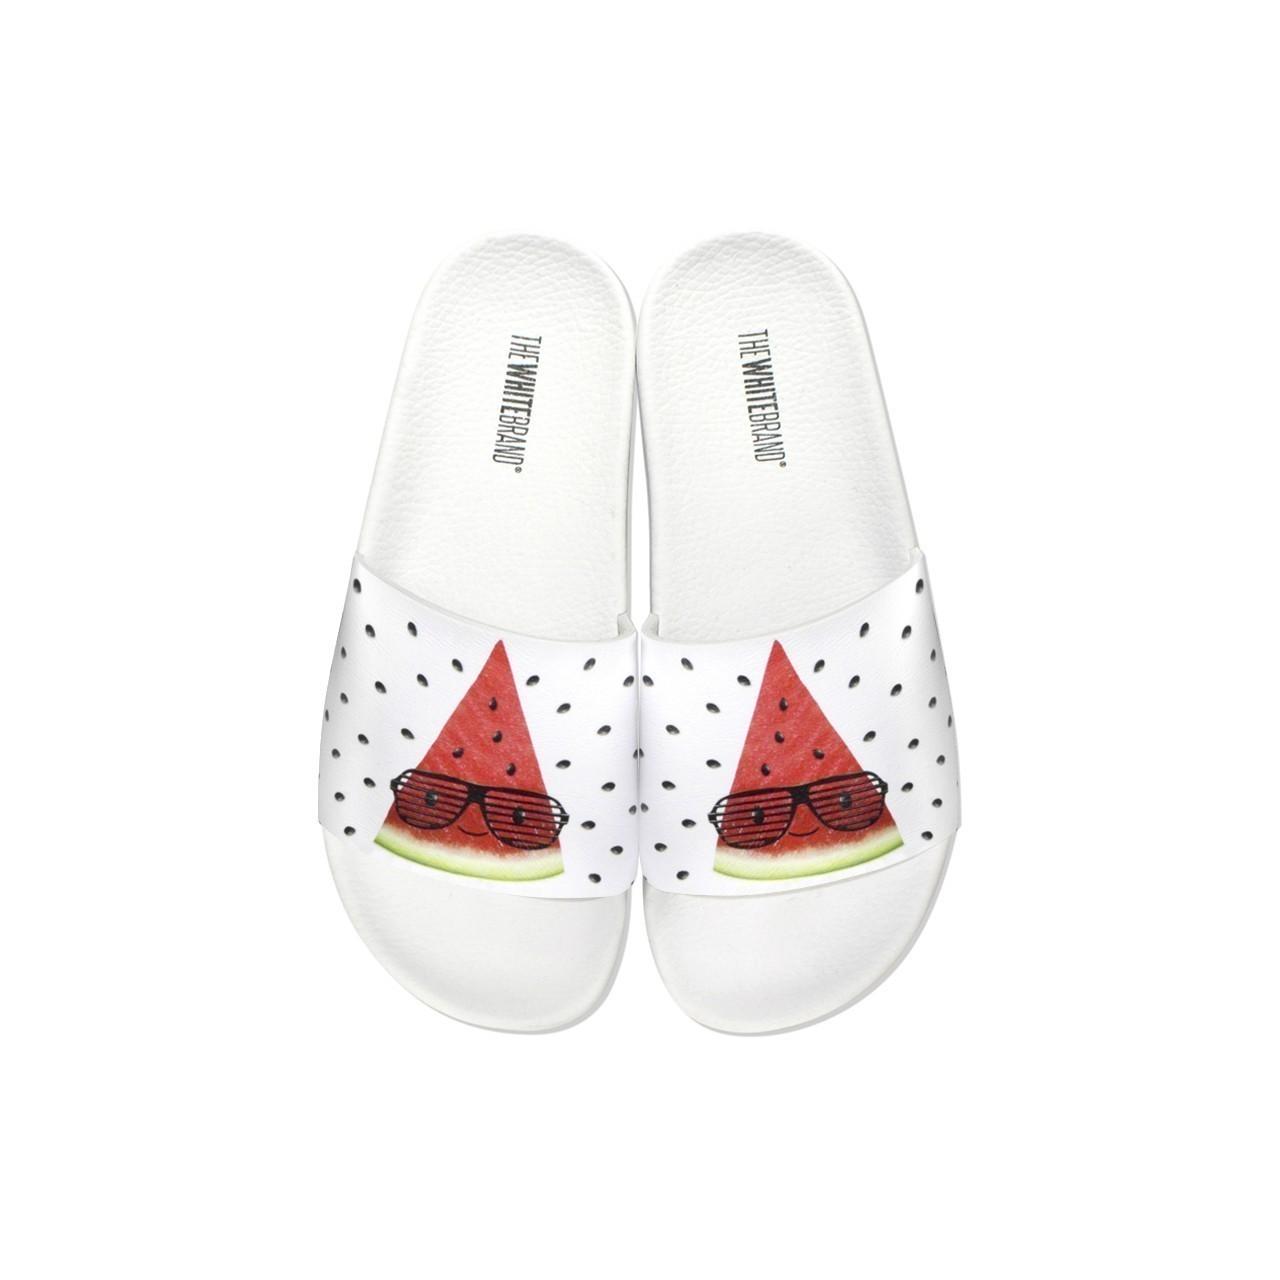 Bílé pantofle - Afterwater! - 36